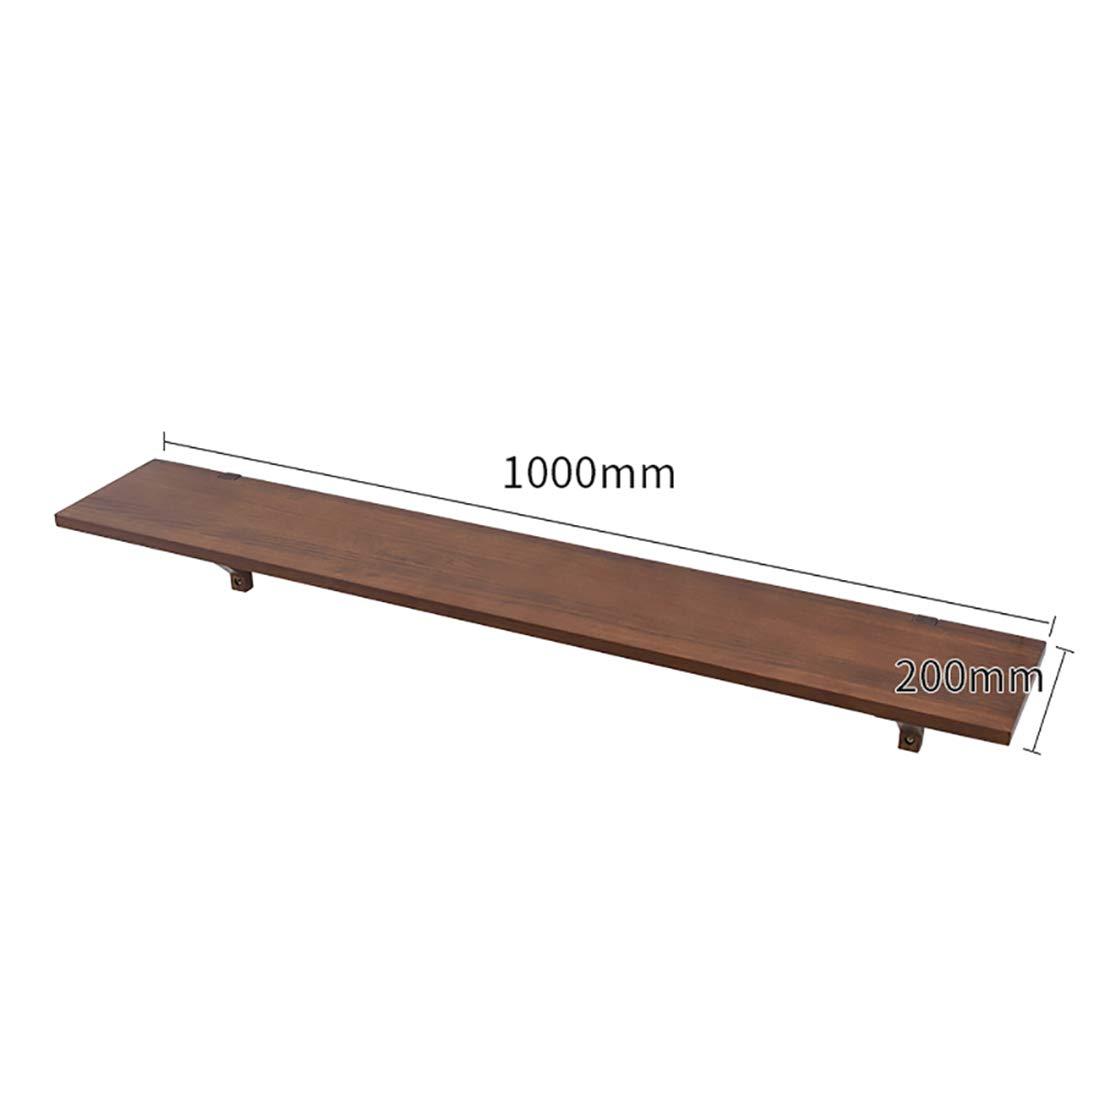 estante colgante montado en la pared de la exhibici/ón,equipado de los tornillos y de los tubos de expansi escuadras para estanteria soporte madera de estante flotante del bloque la madera del roble